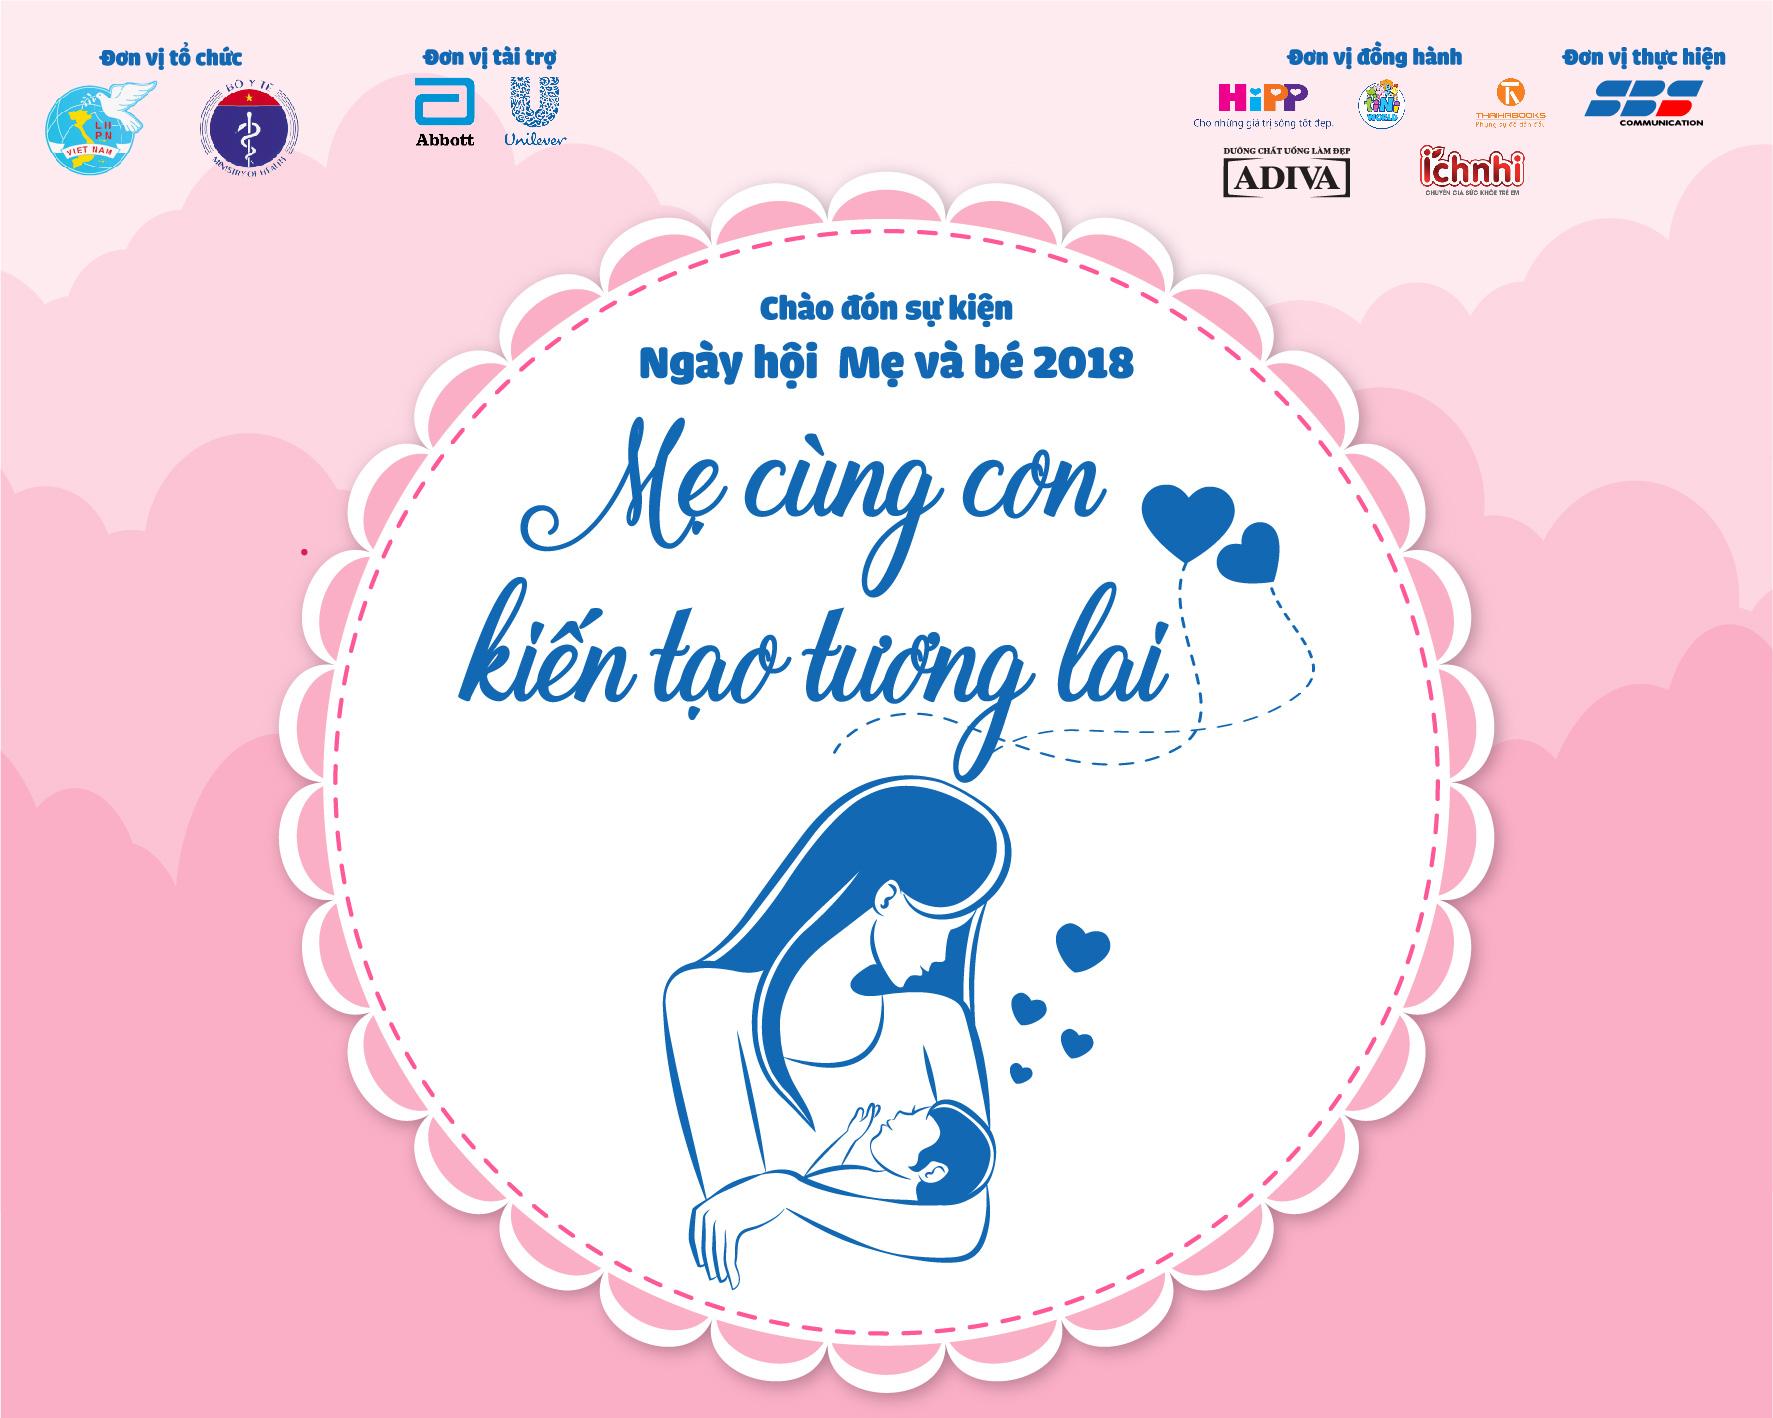 Thái Hà Books đồng hành cùng Ngày hội Mẹ và Bé 2018